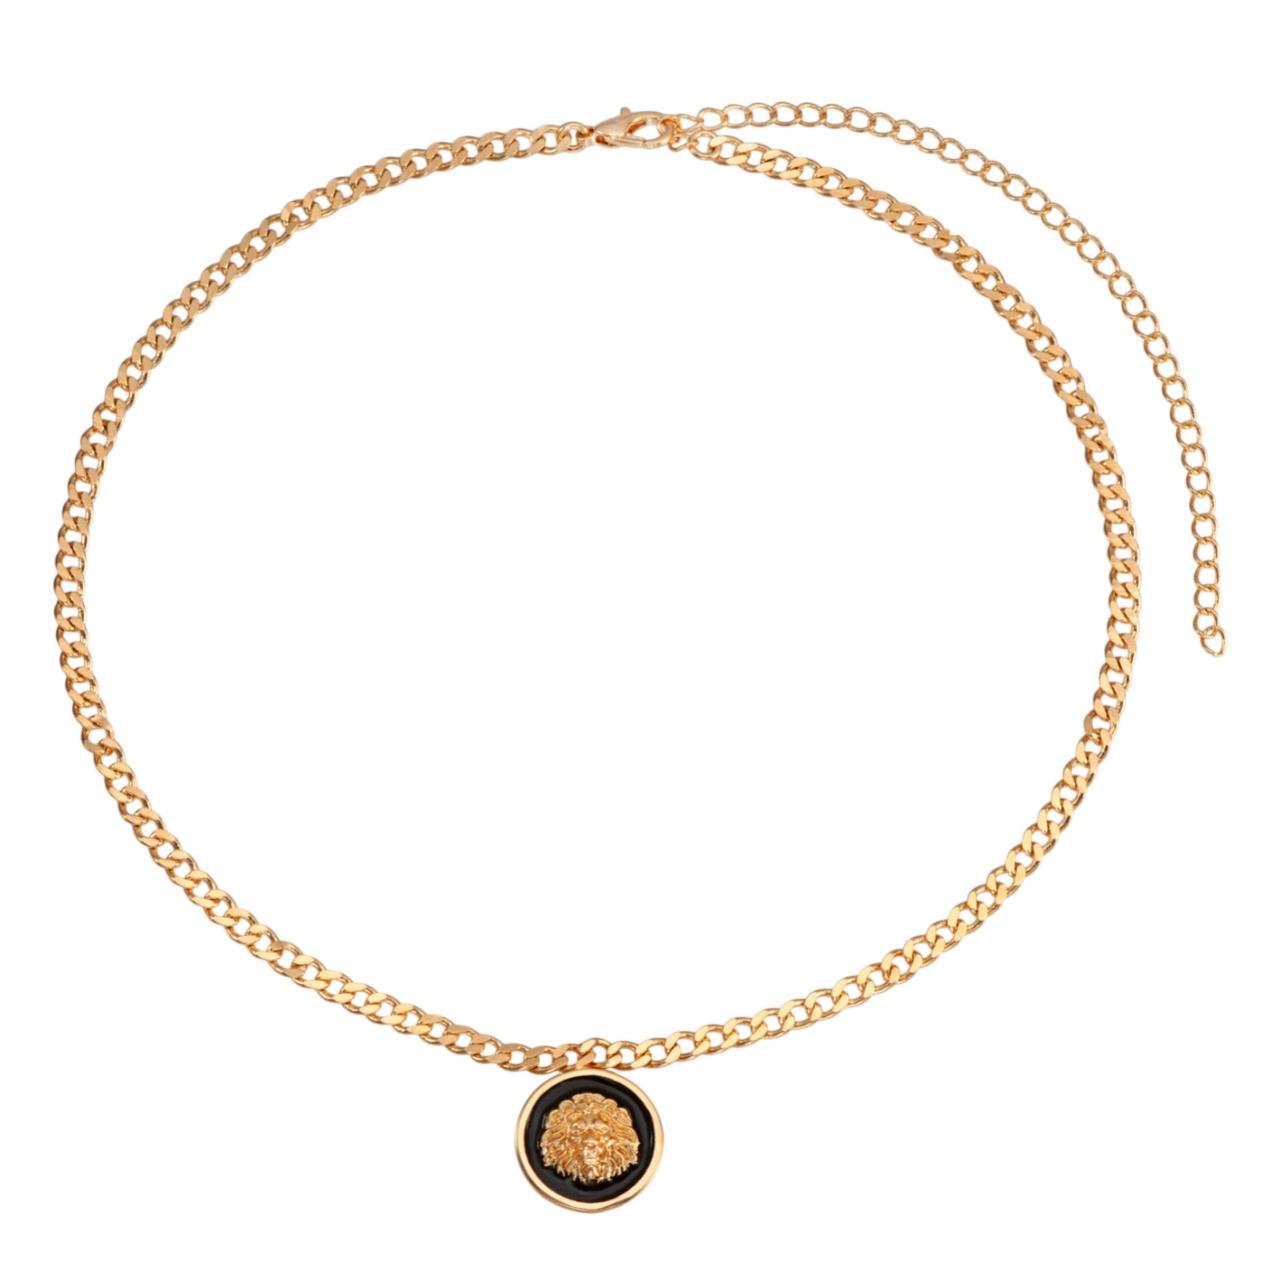 Colar choker banhado em ouro 18k com pingente leão resinado corrente grumet 30cm + extensor